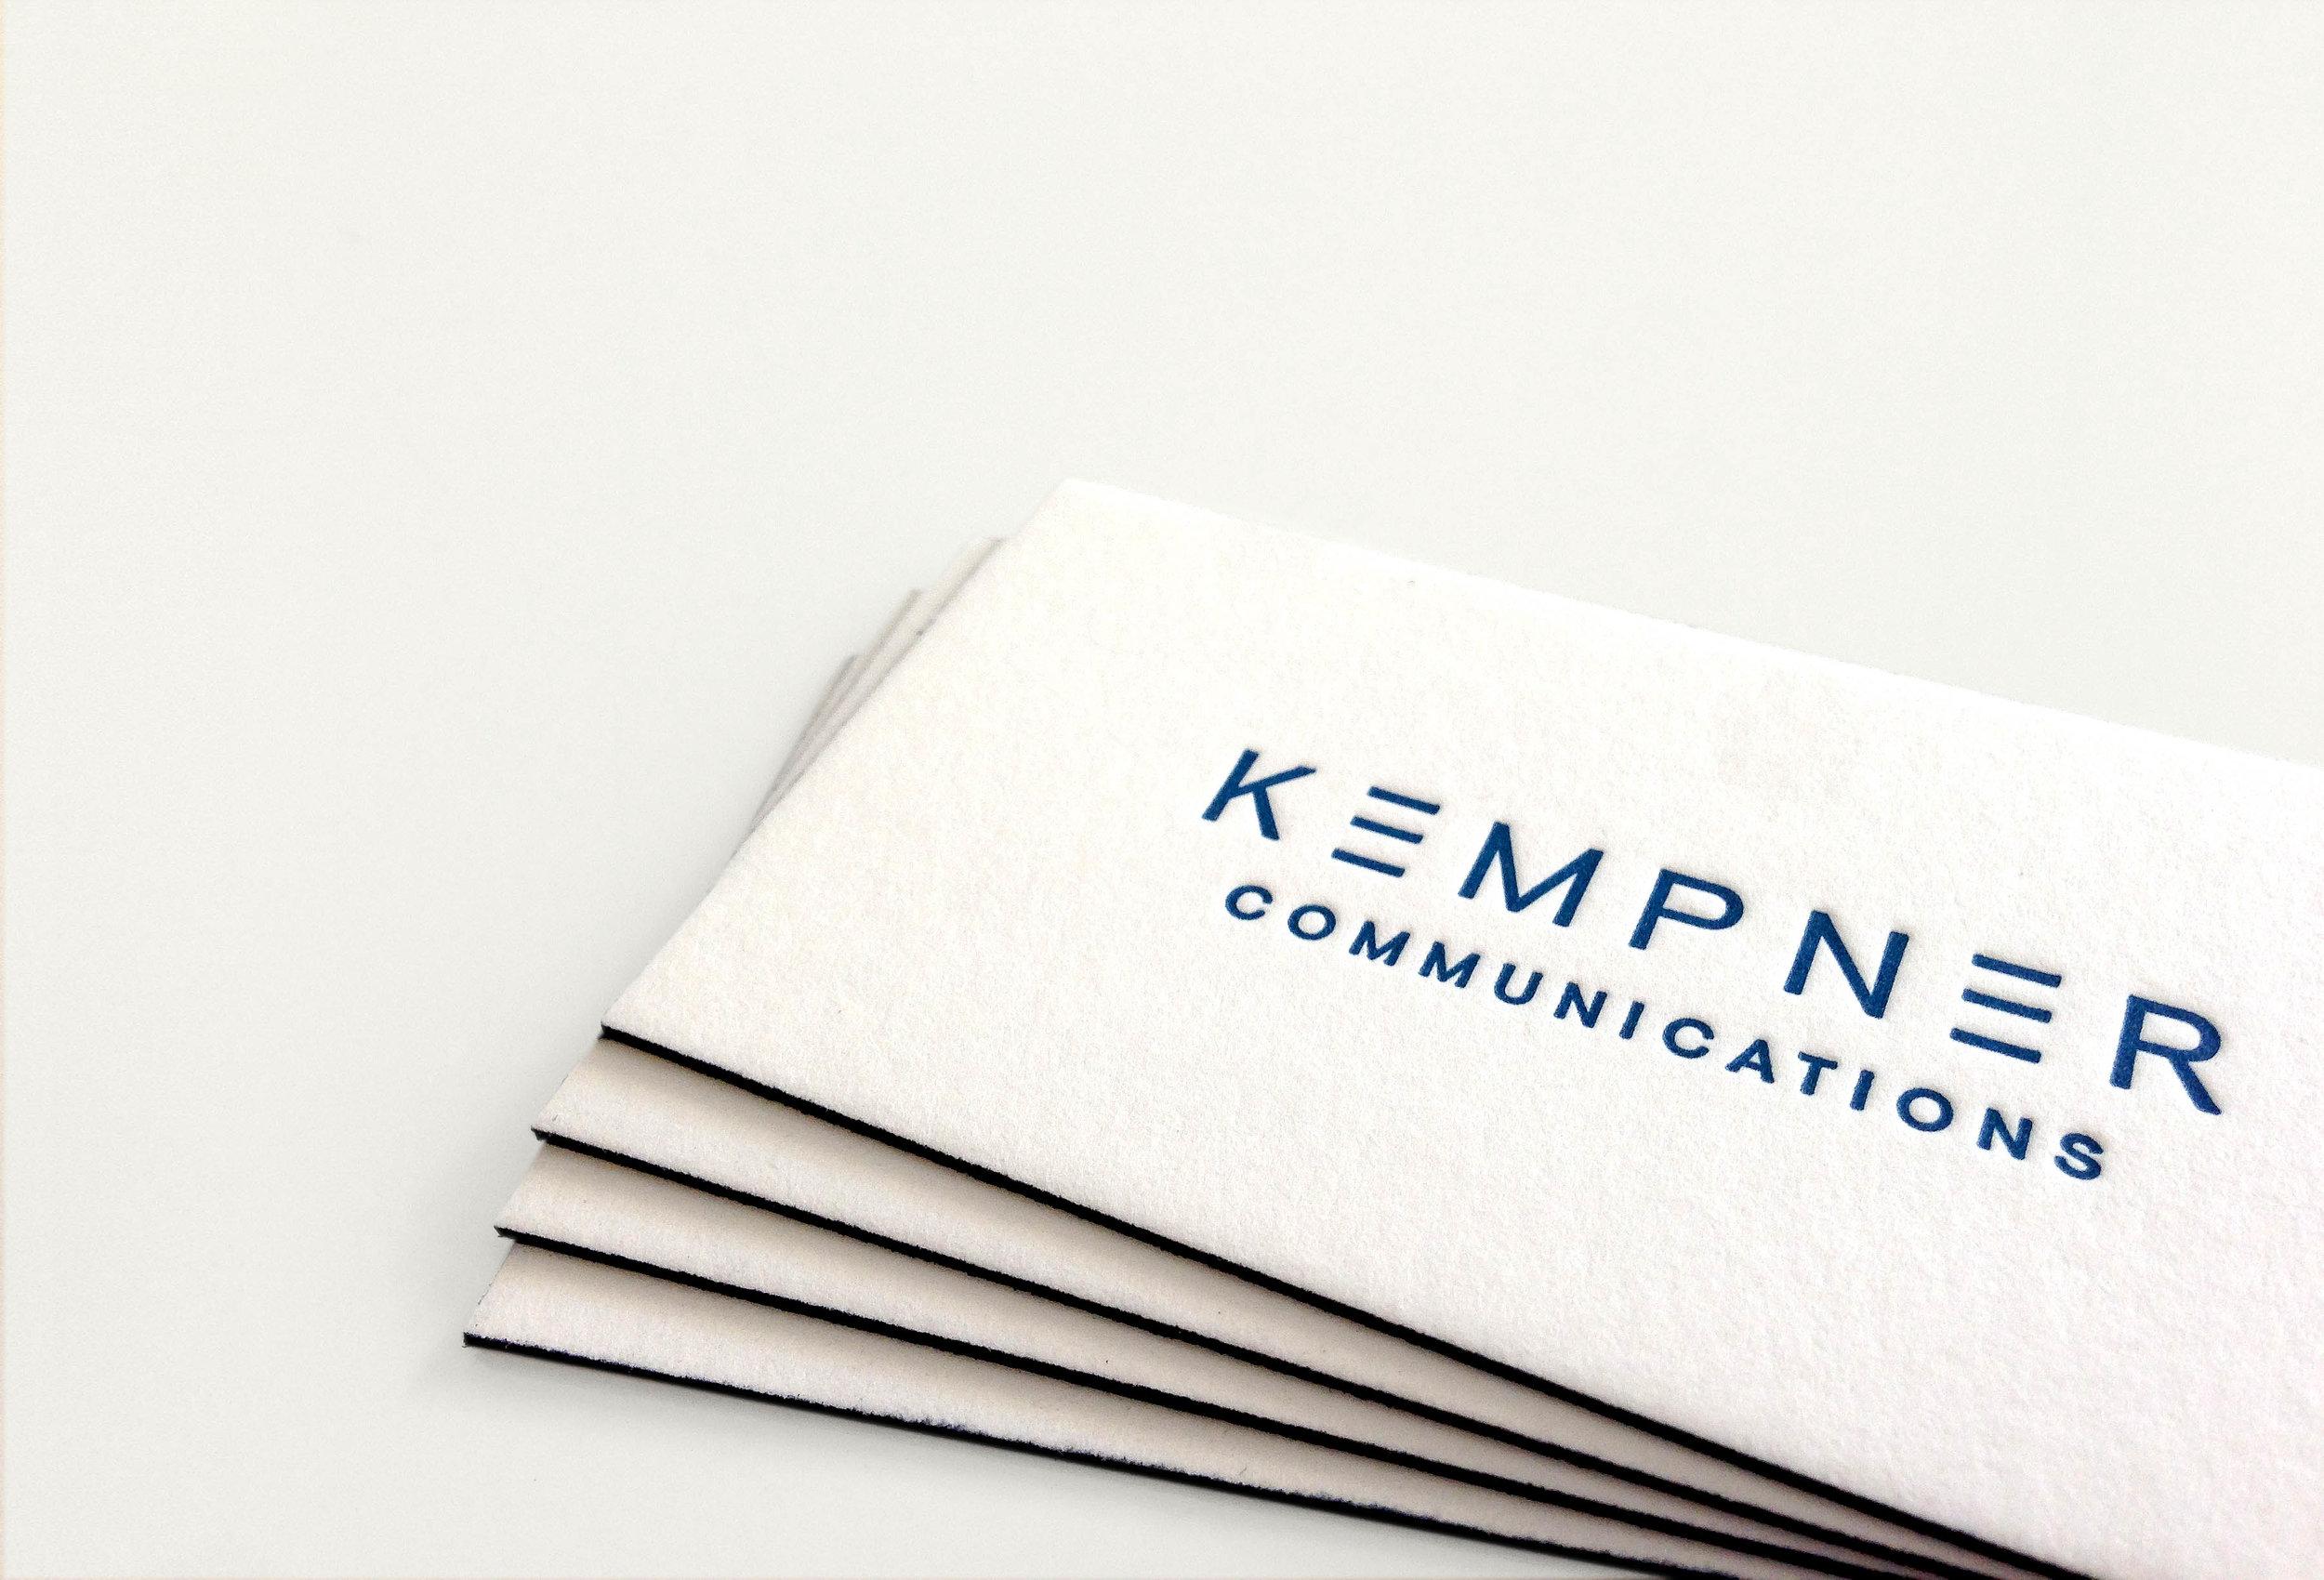 Kemp_Temp1.jpg